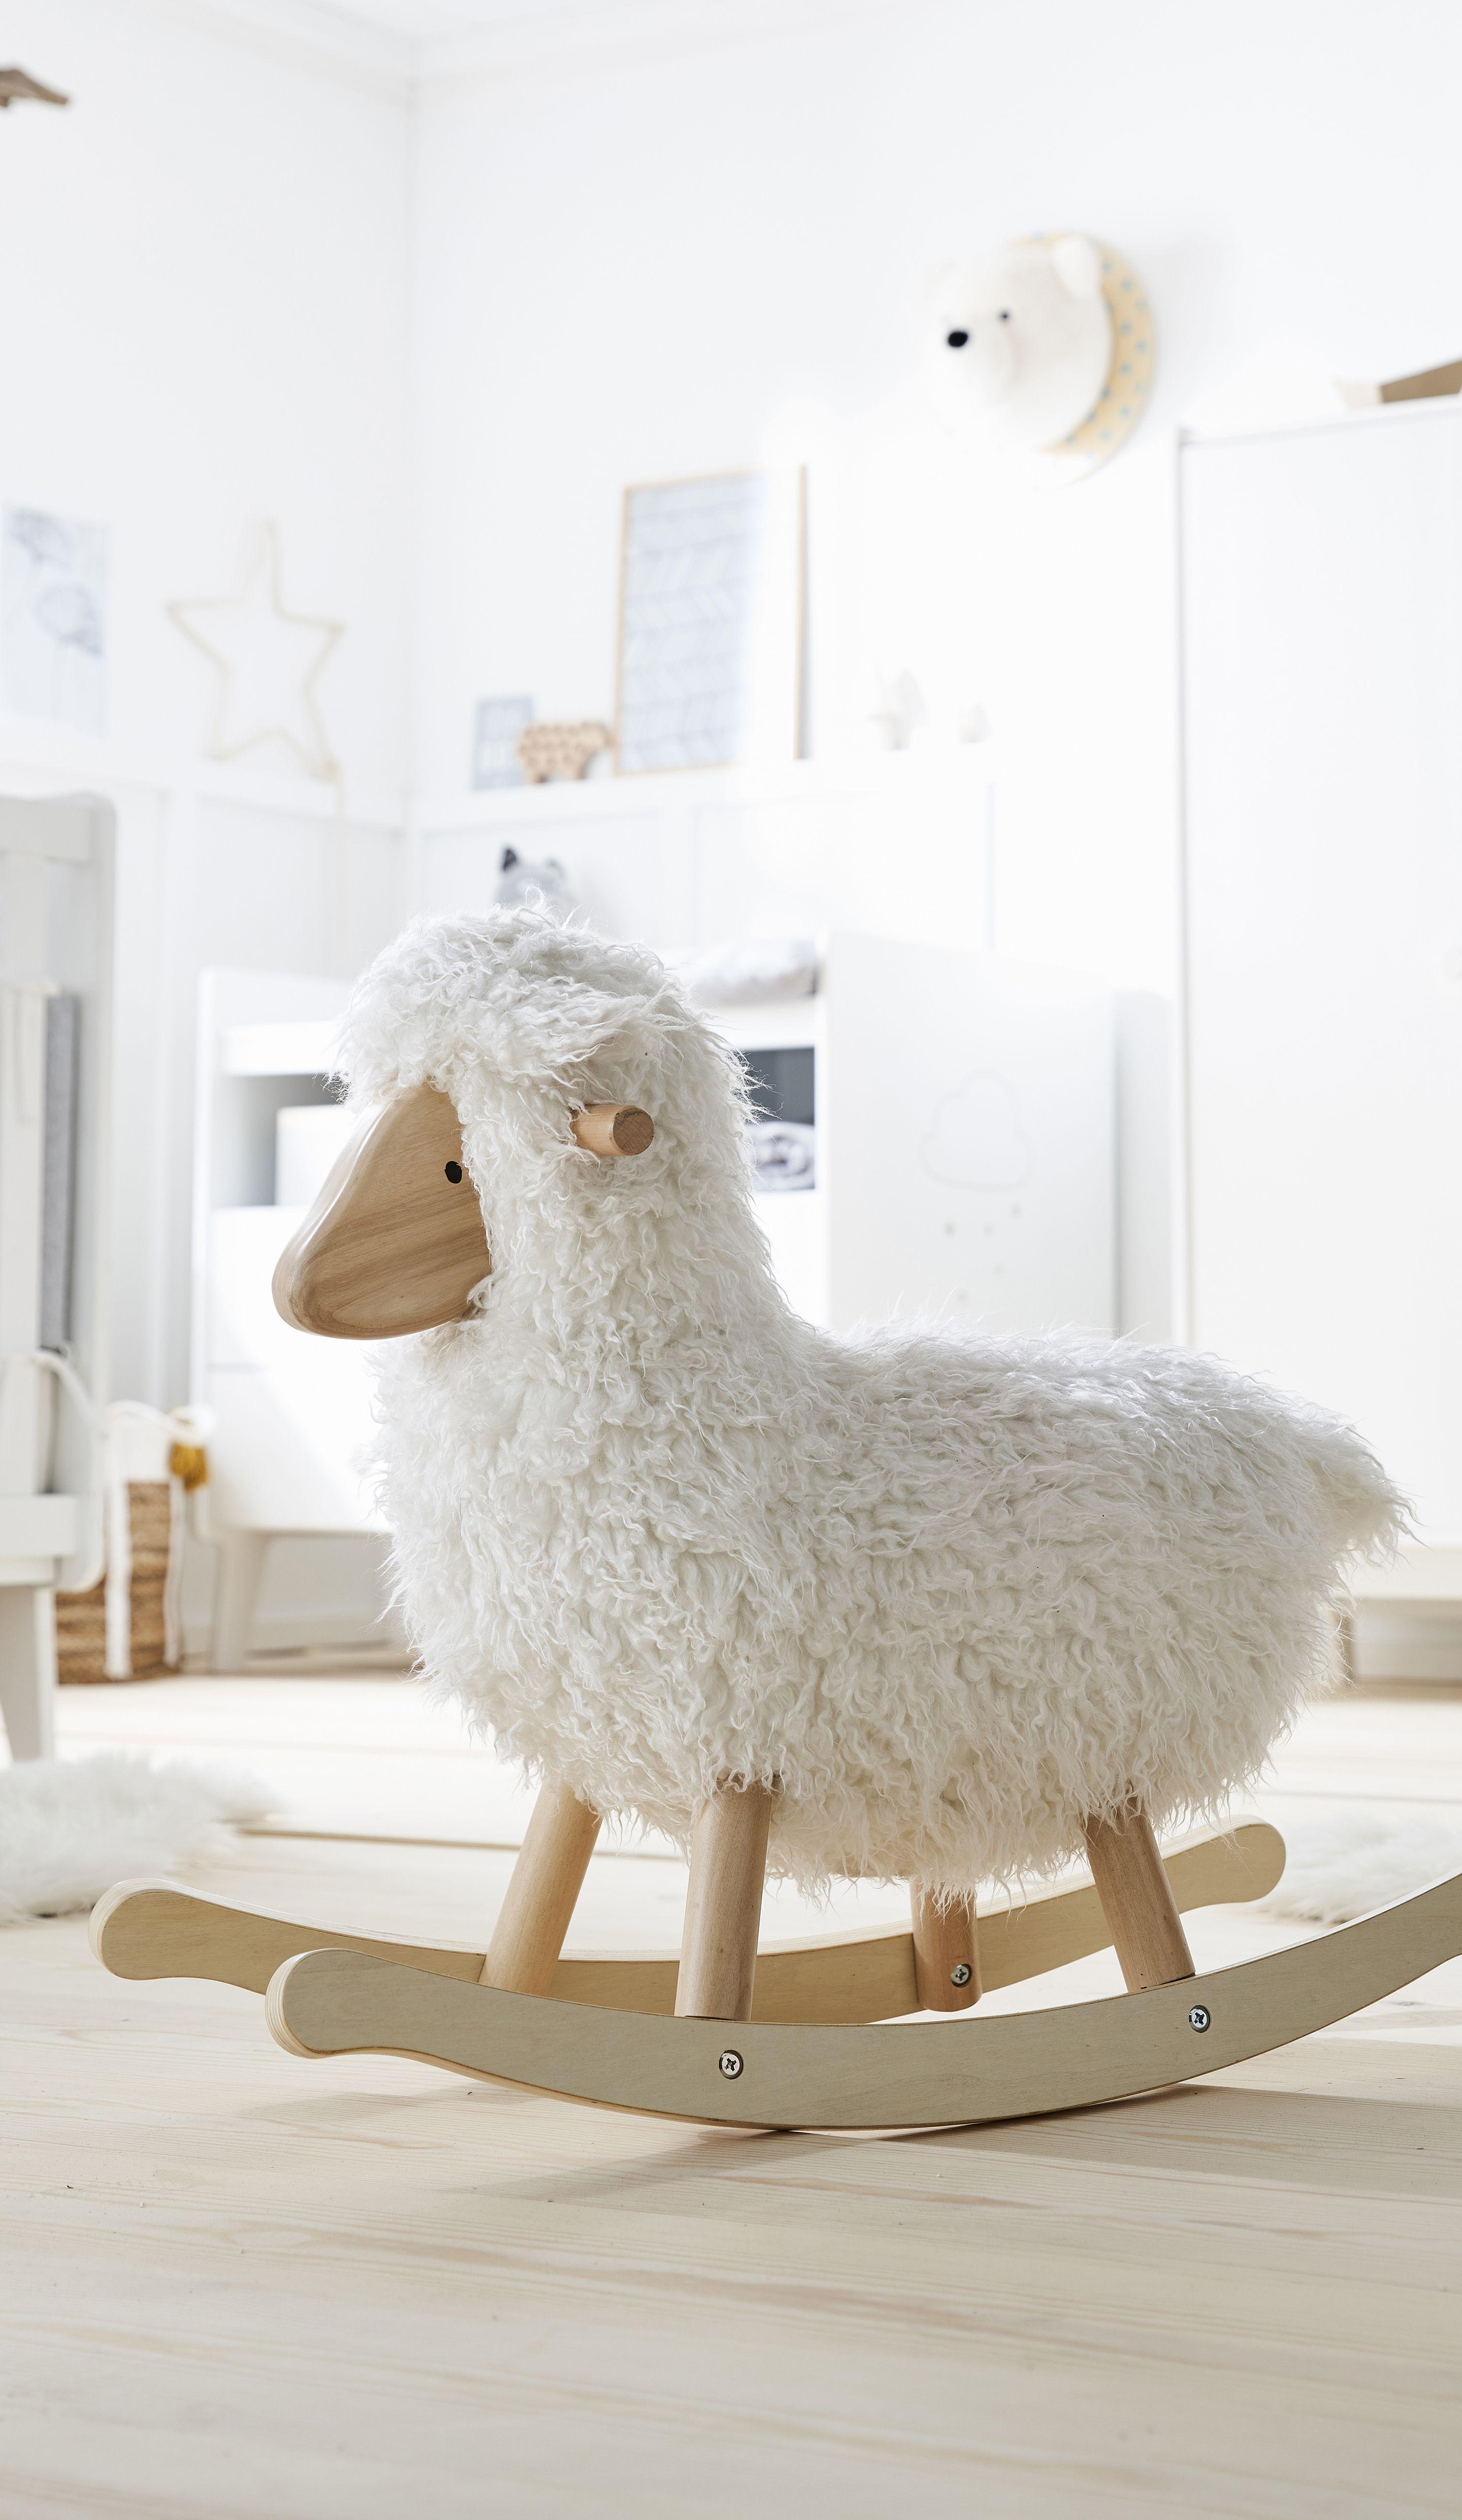 mouton a bascule mouton a bascule